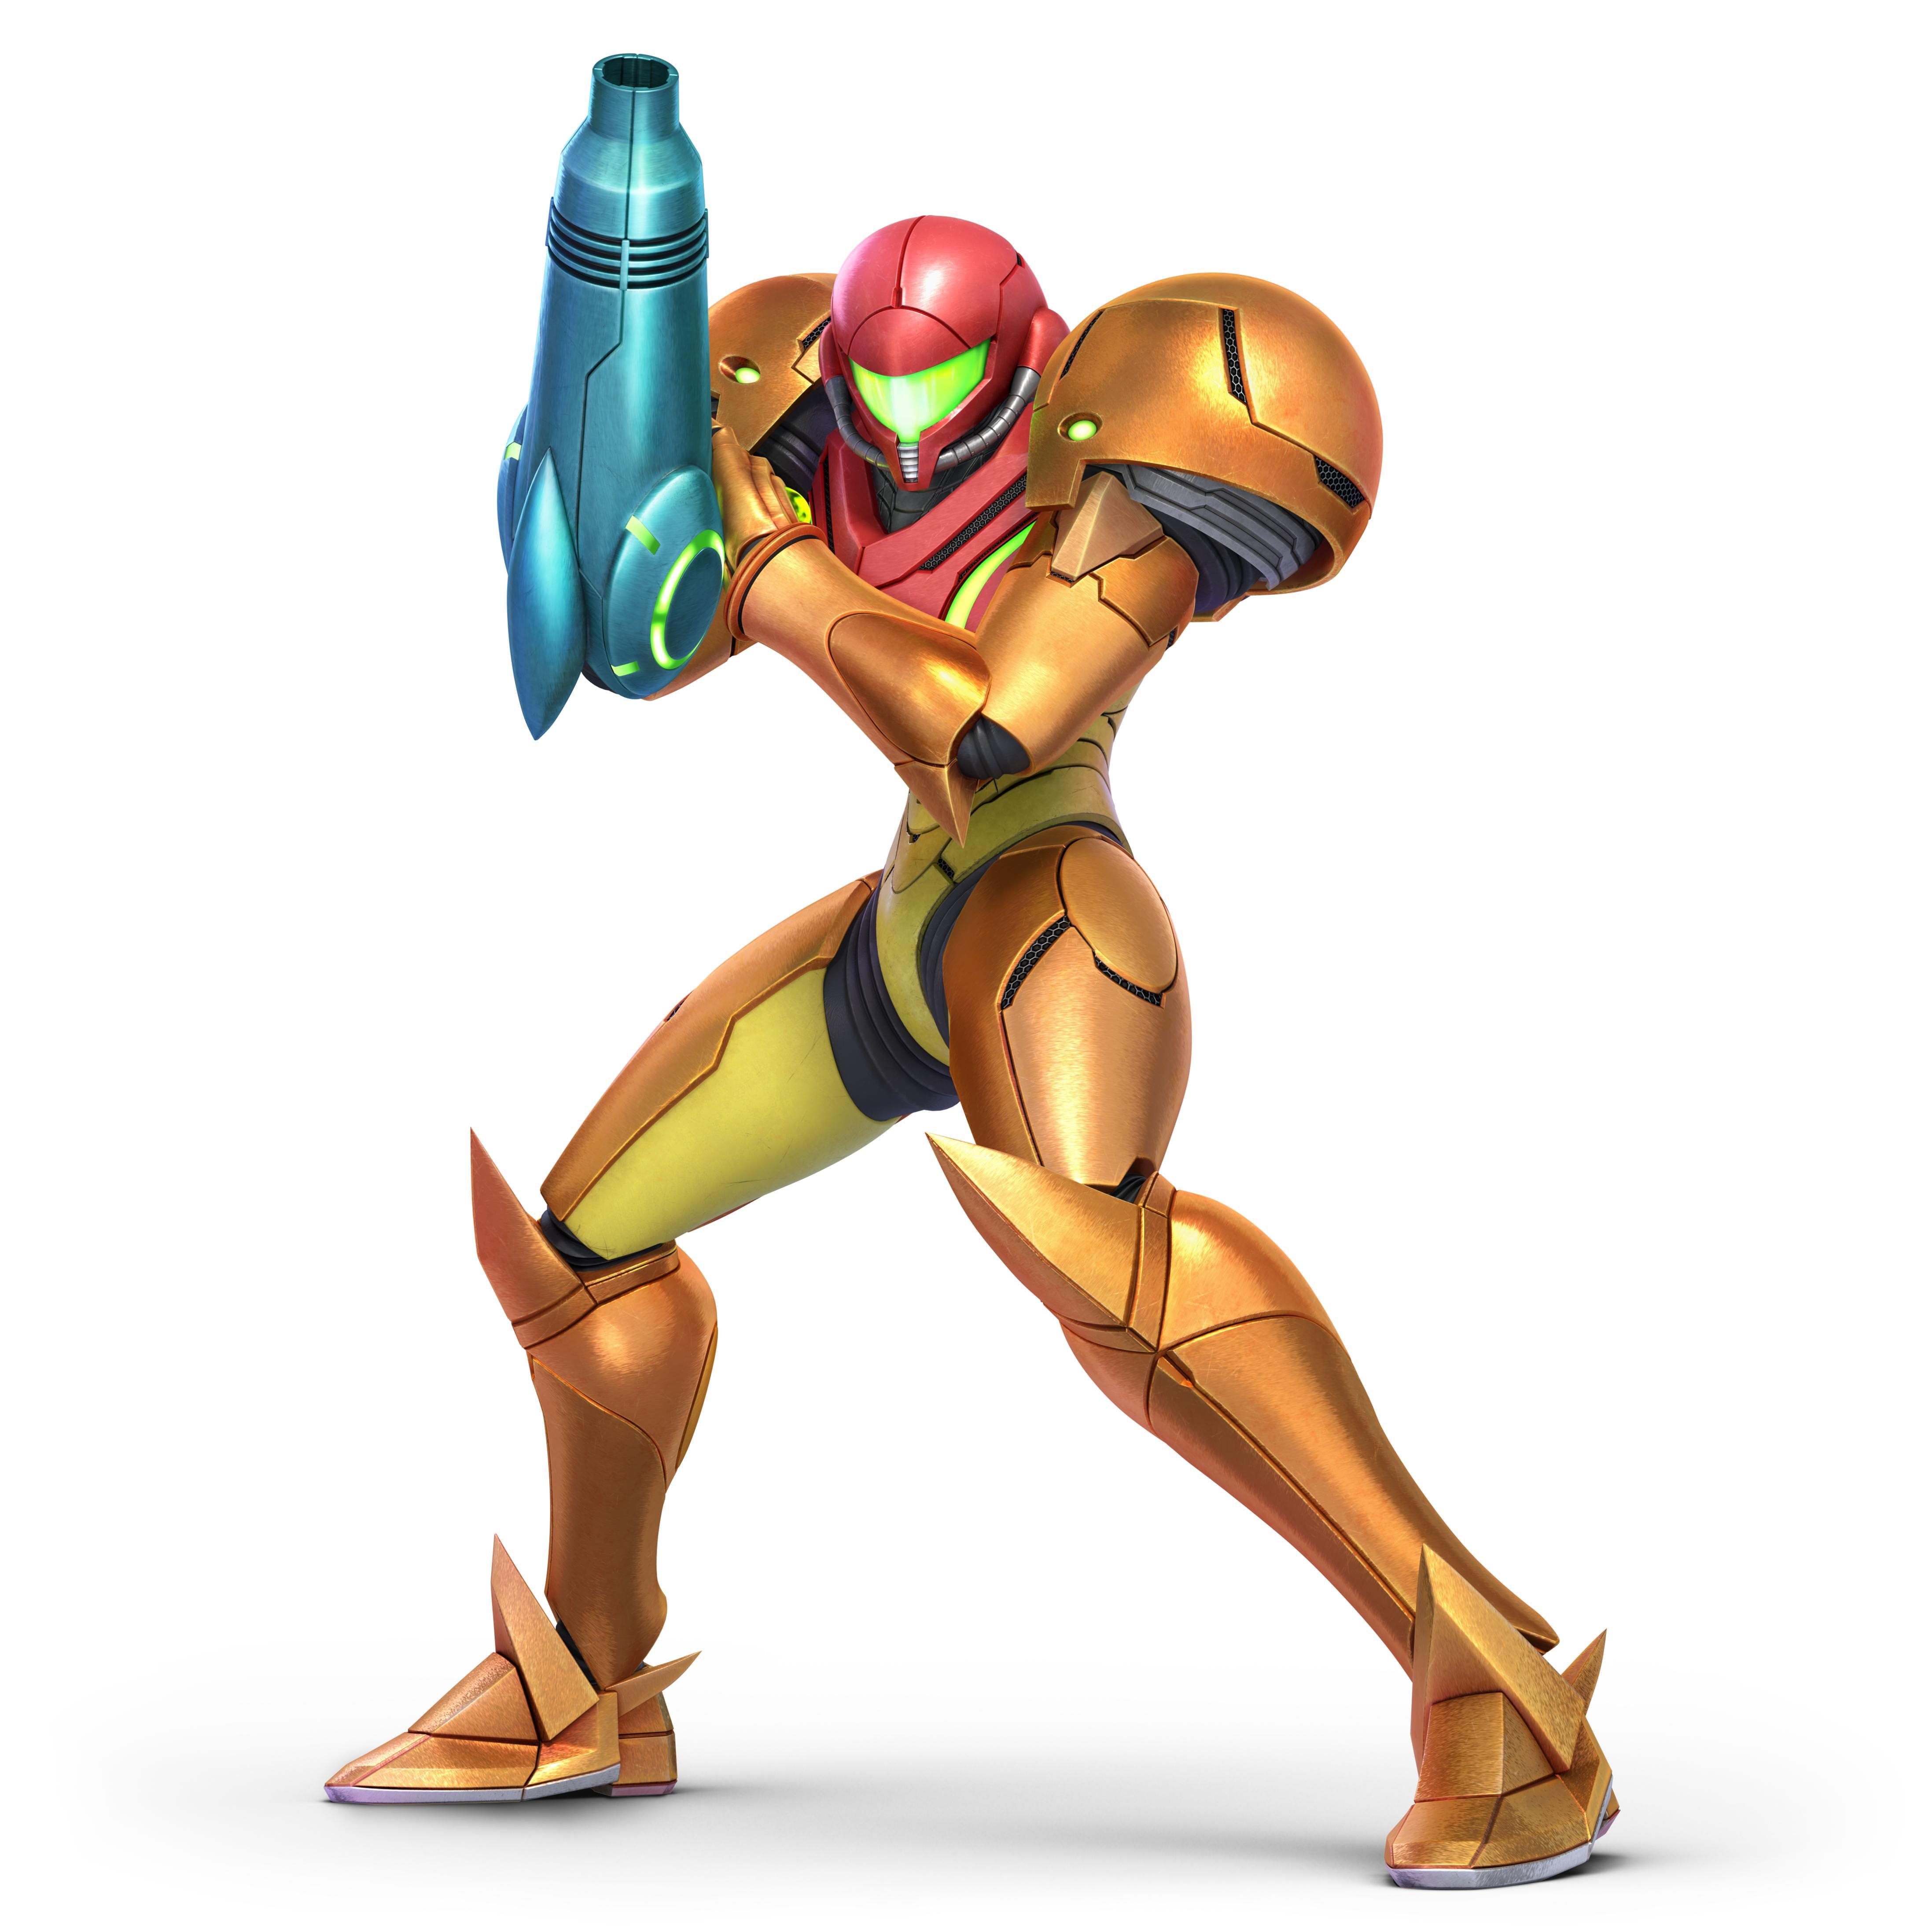 Super Smash Bros Ultimate How To Unlock Samus Aran